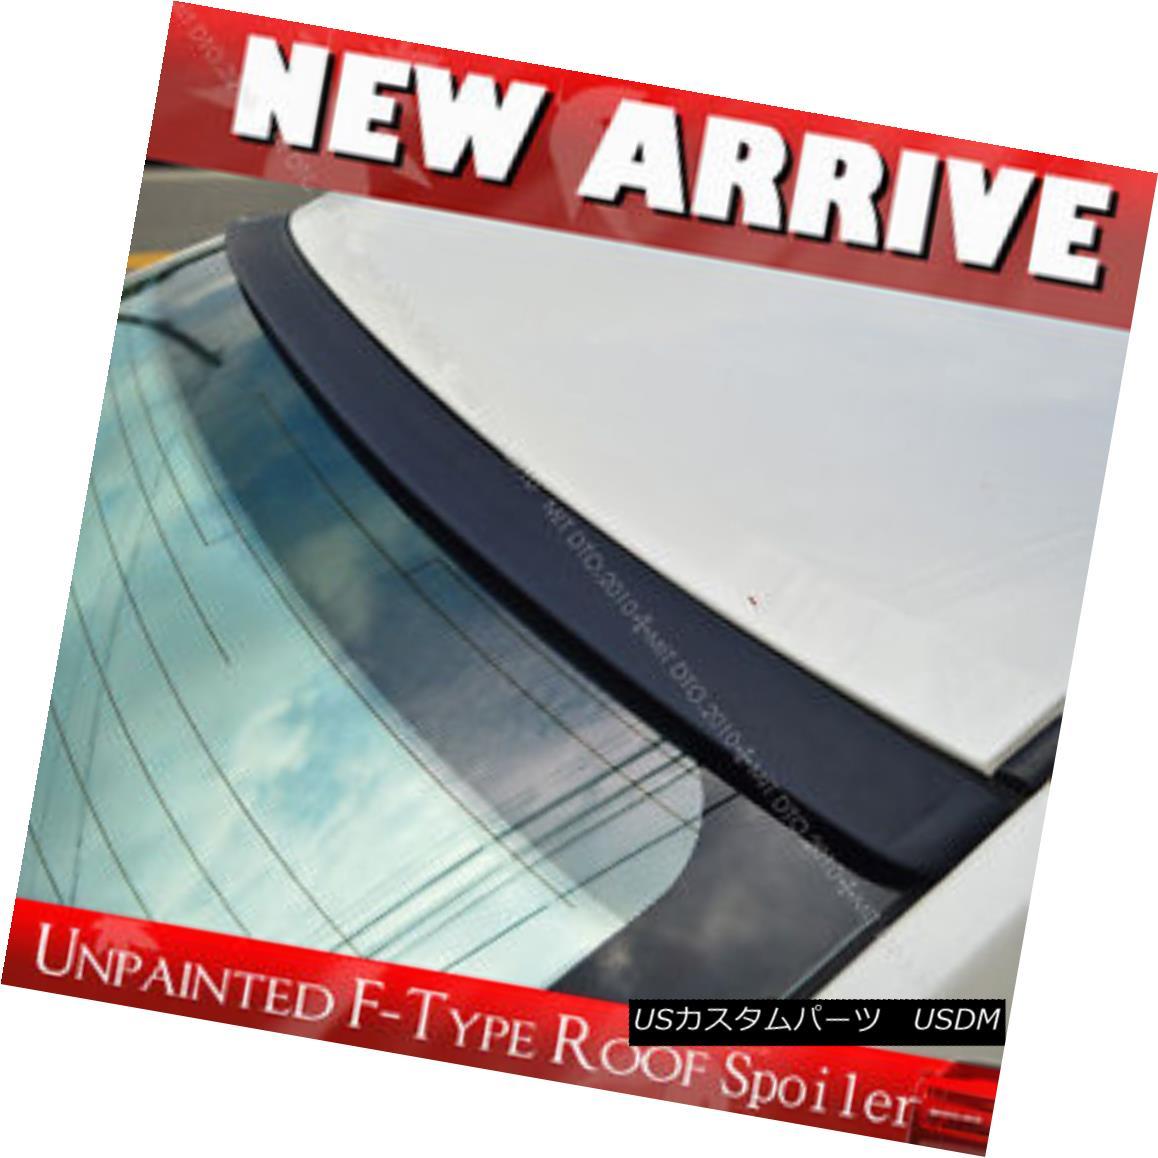 エアロパーツ Unpainted For Rear Roof Lip Spoiler F-Type Audi A4 B7 4DR Sedan 2006-2008 リヤルーフスポイラーFタイプのアウディA4 B7 4DRセダン2006-2008の未塗装